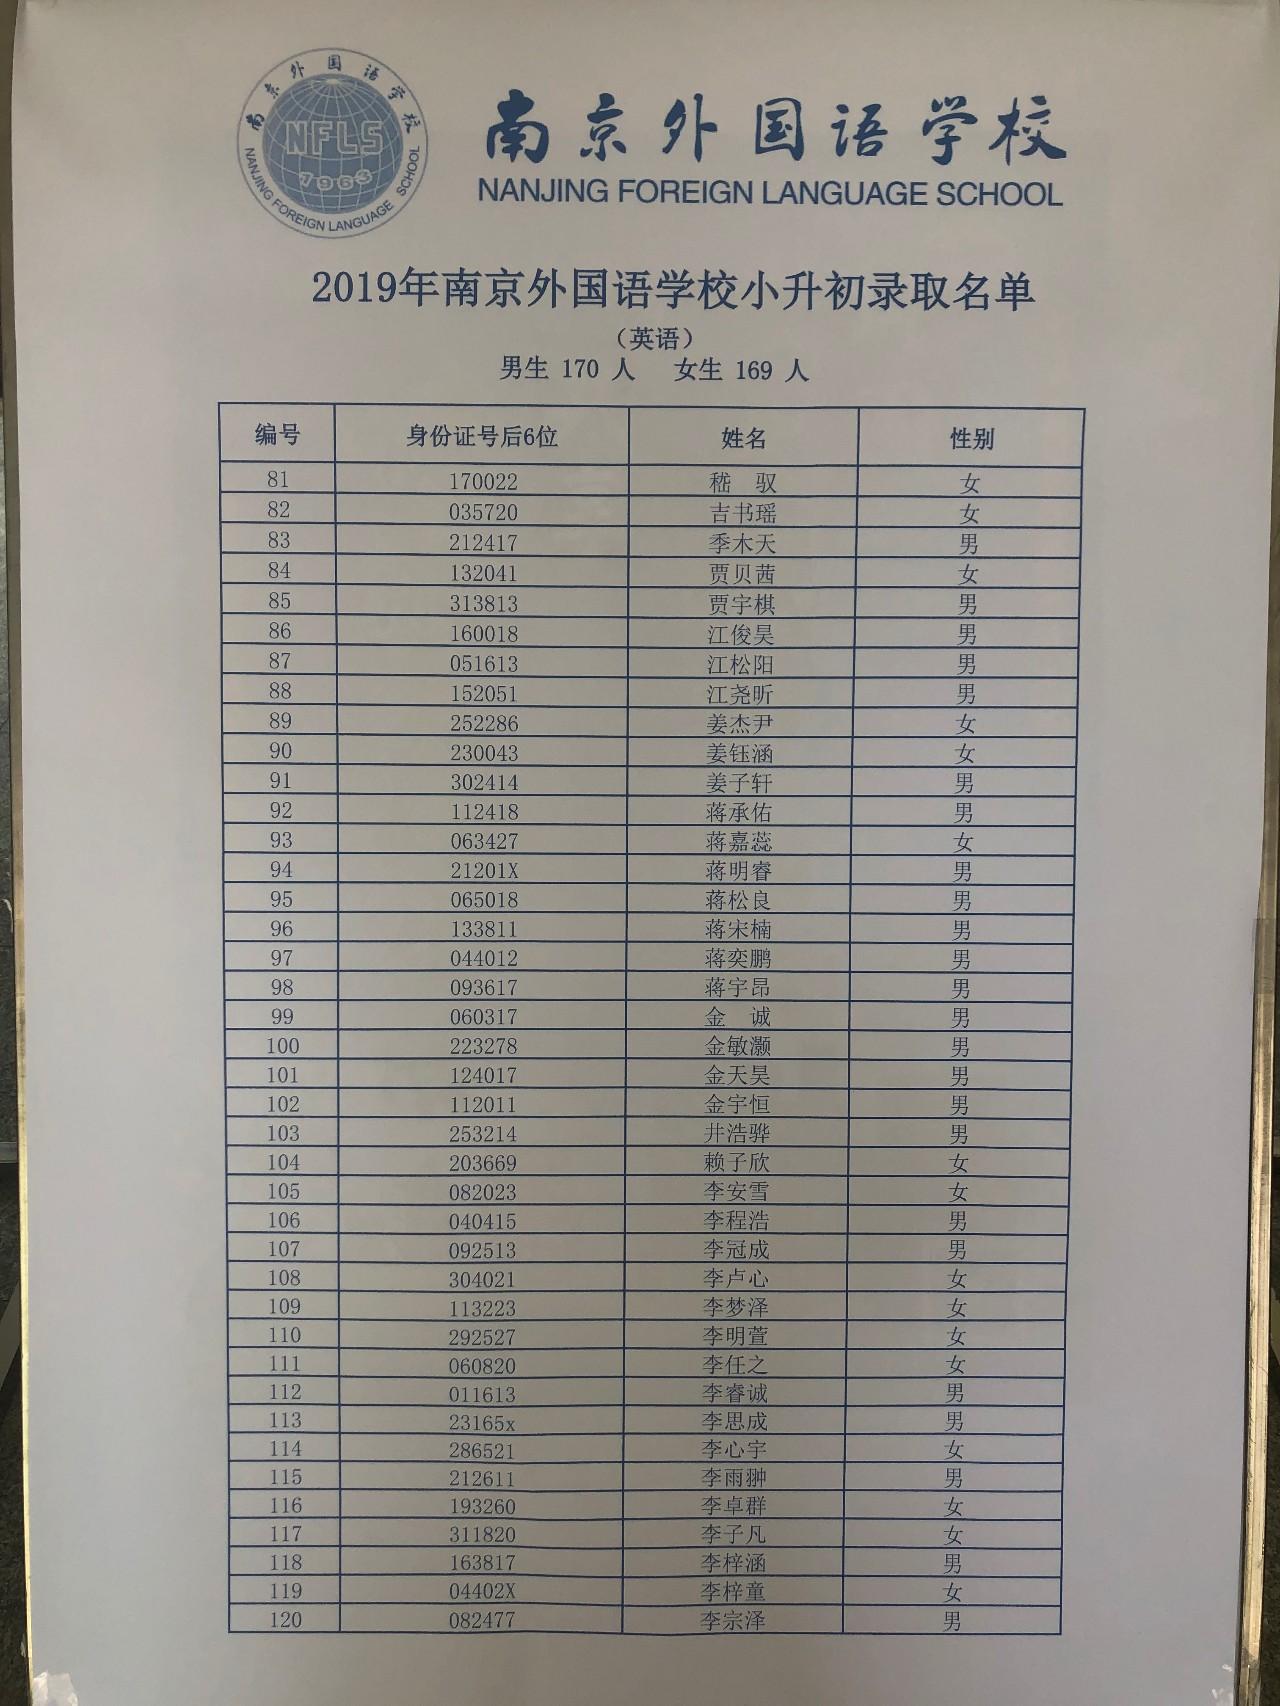 2019年江苏省南外小升初录取名单公布了,一共录取380人